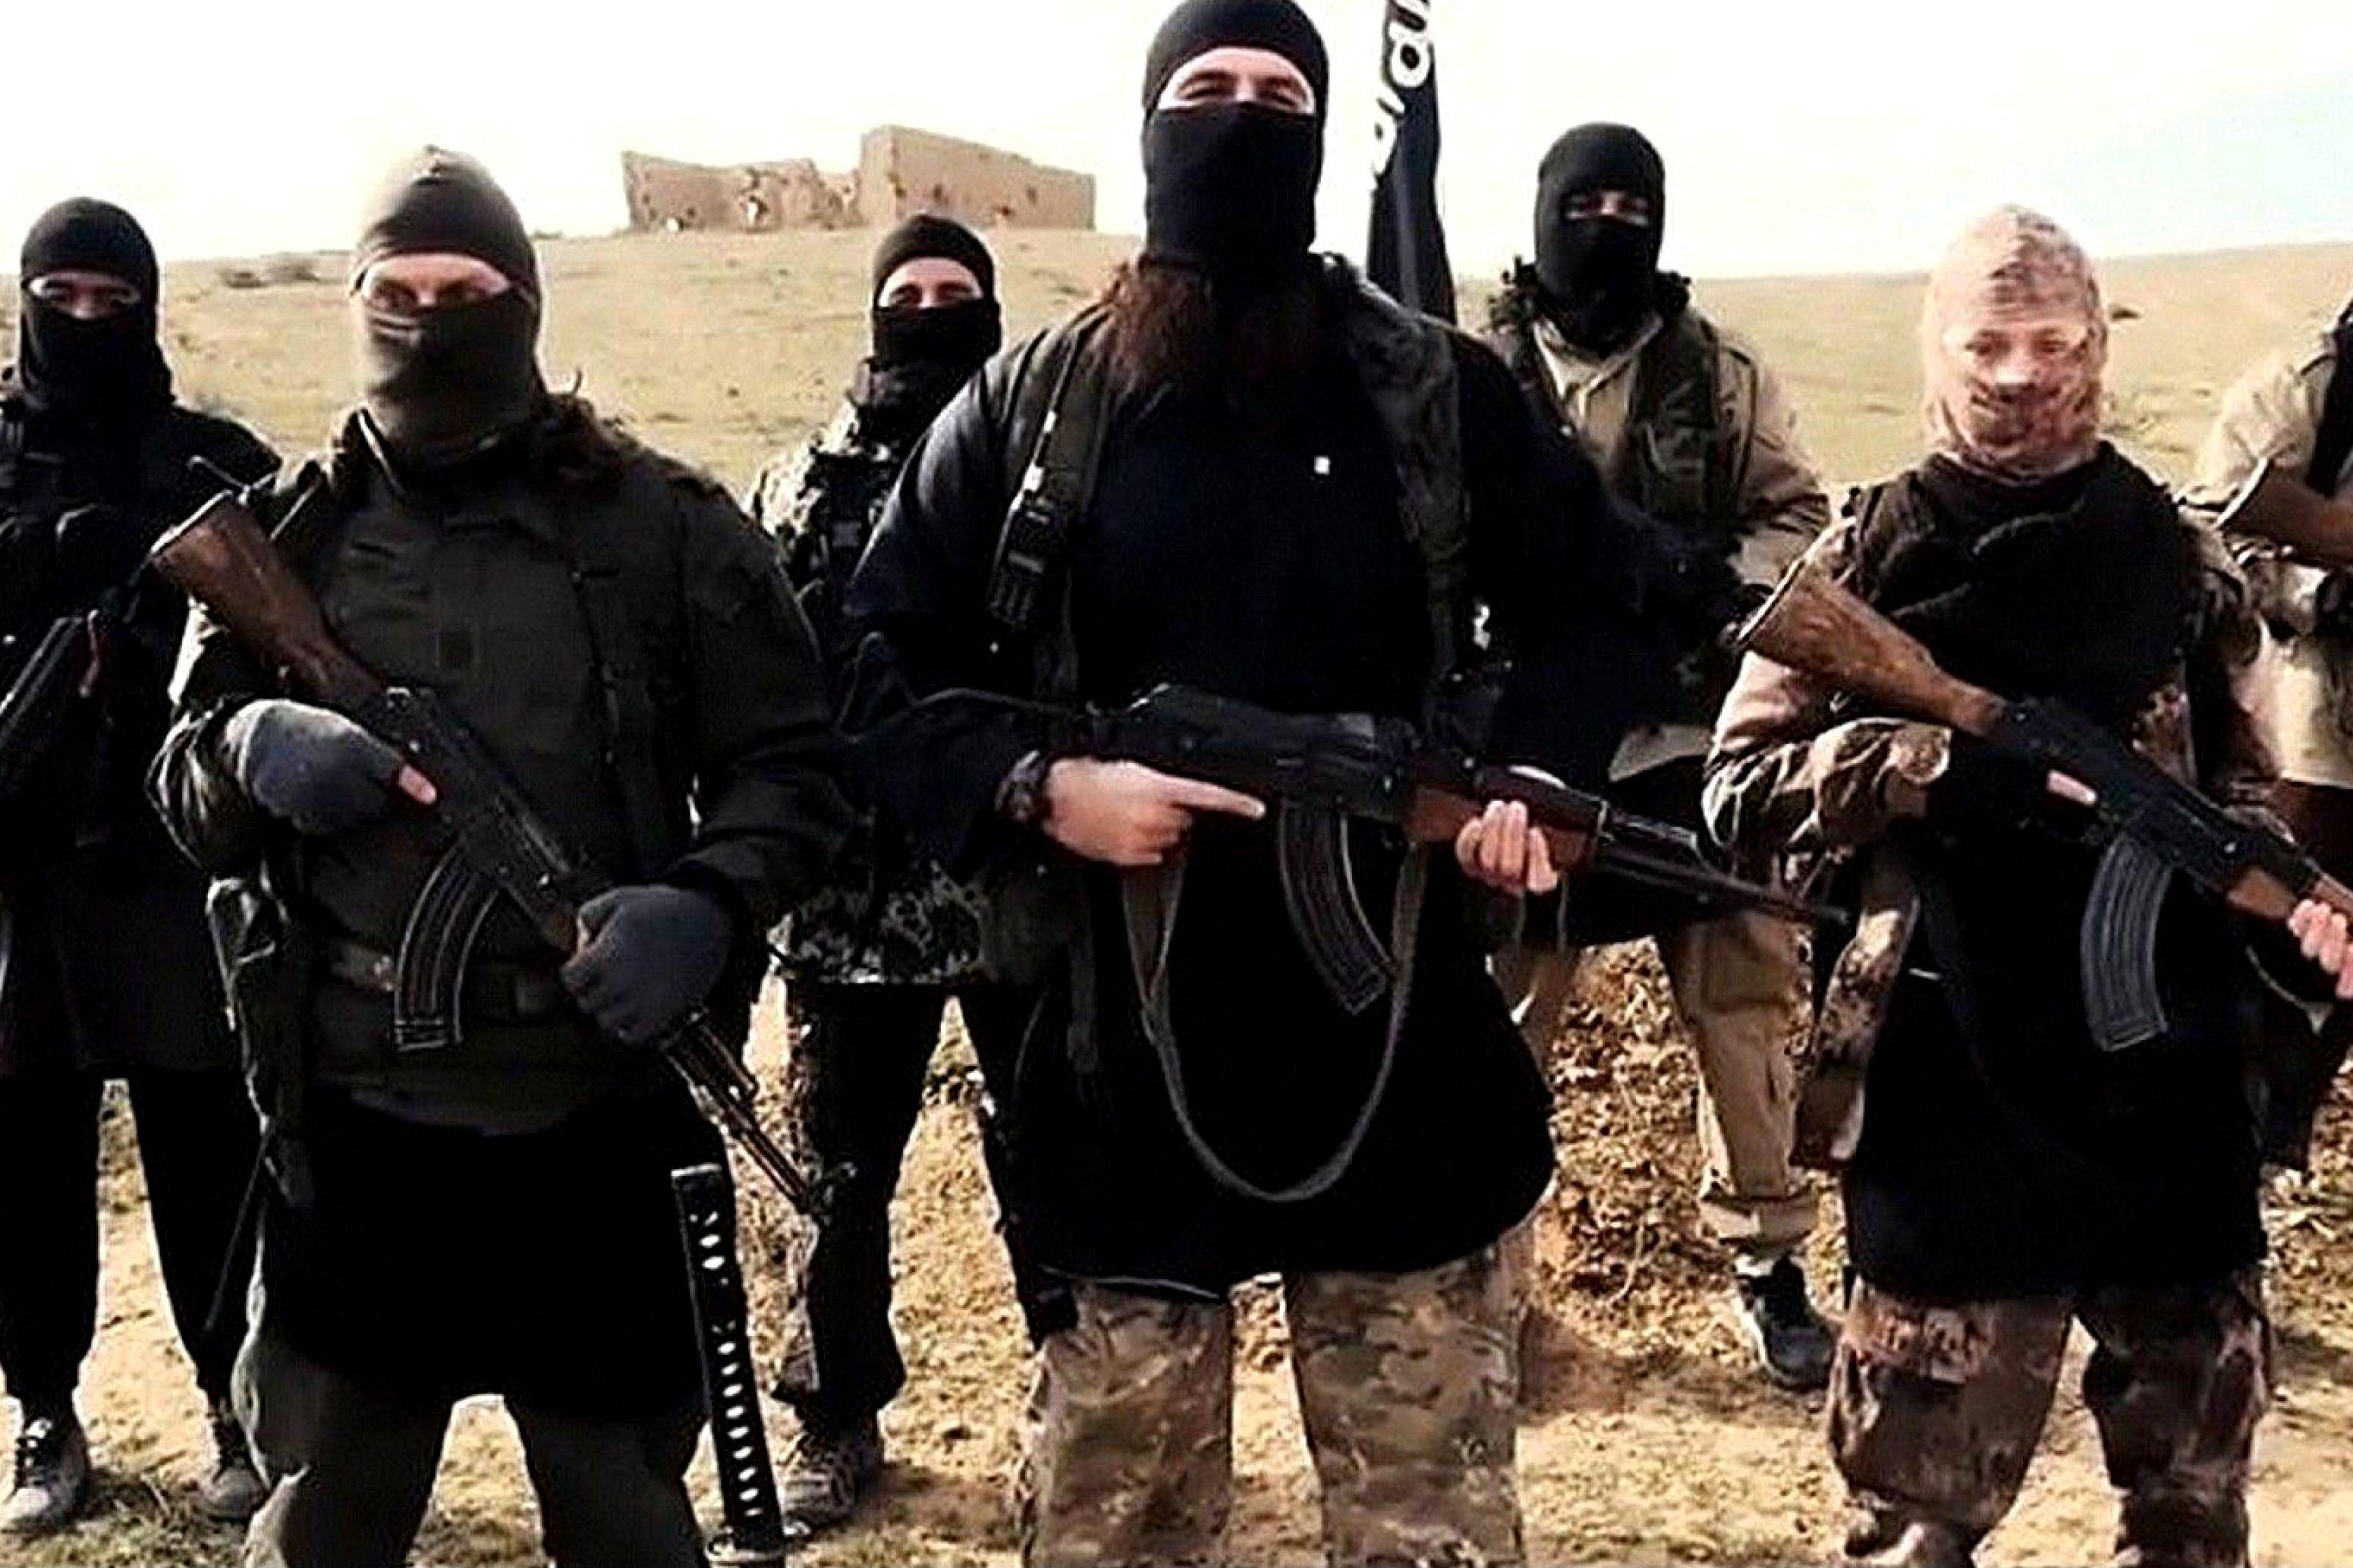 Capturan a un islamista que planeaba un atentado terrorista en el funeral de un policía